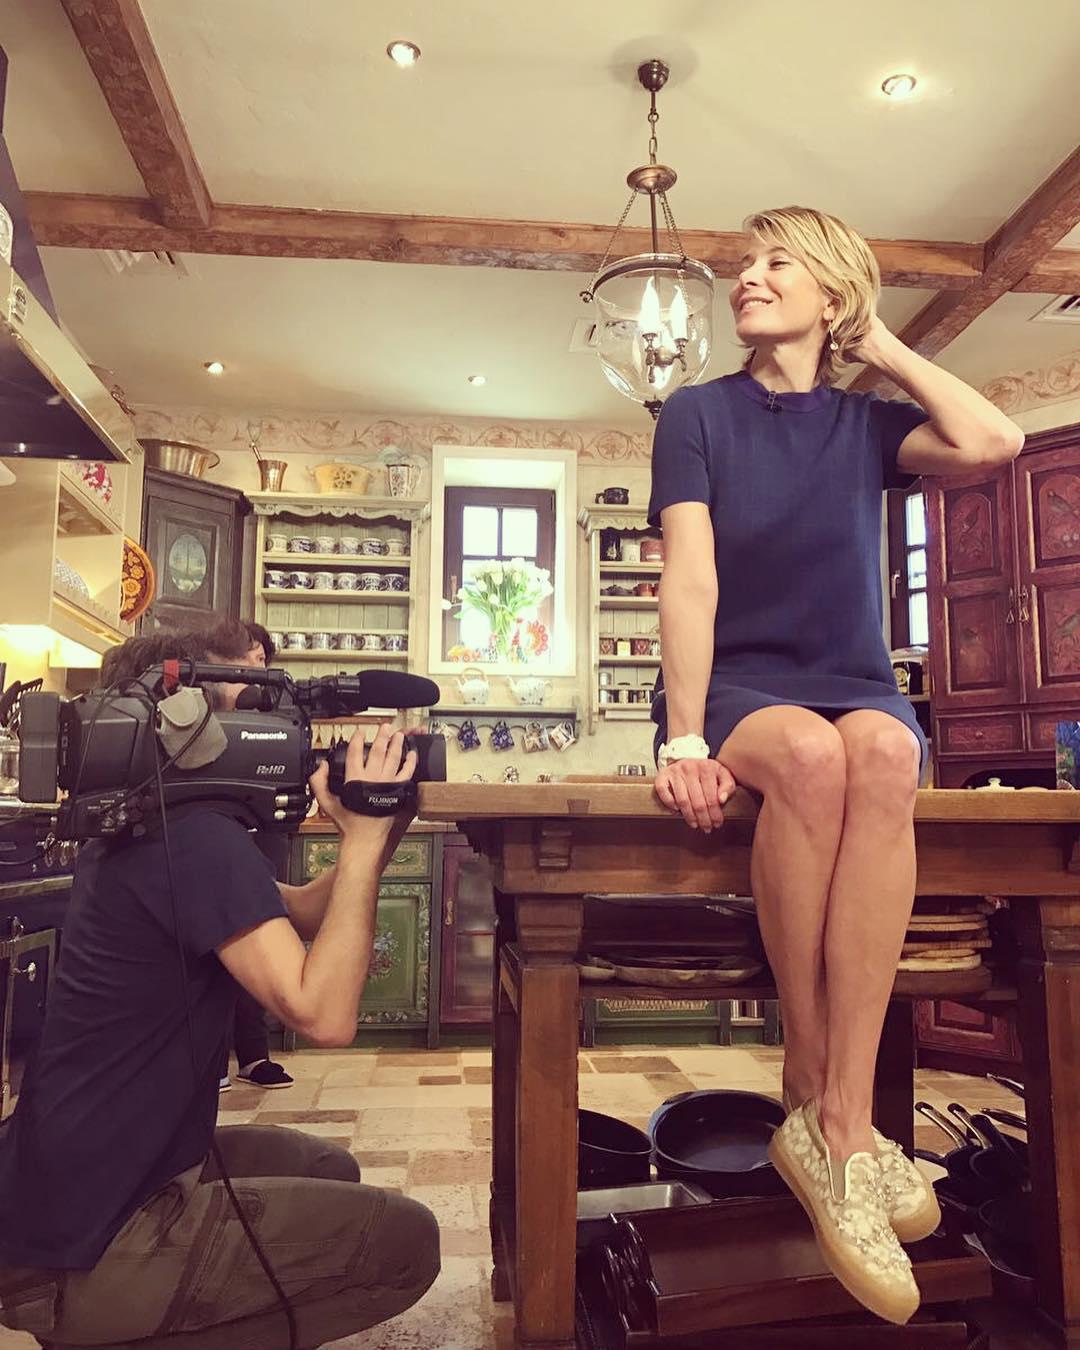 Юлия Высоцкая: Снимаем Едим Дома, рецепты ловите на НТВ 16 апреля! #juliavysotskaya #юлиявысоцкая #едимдома #нтв